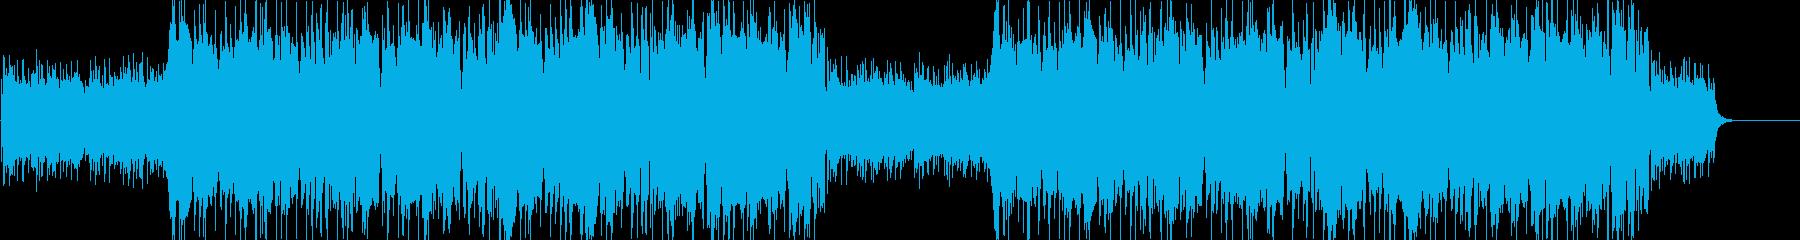 ハロウィン ホラー系ダブステップの再生済みの波形